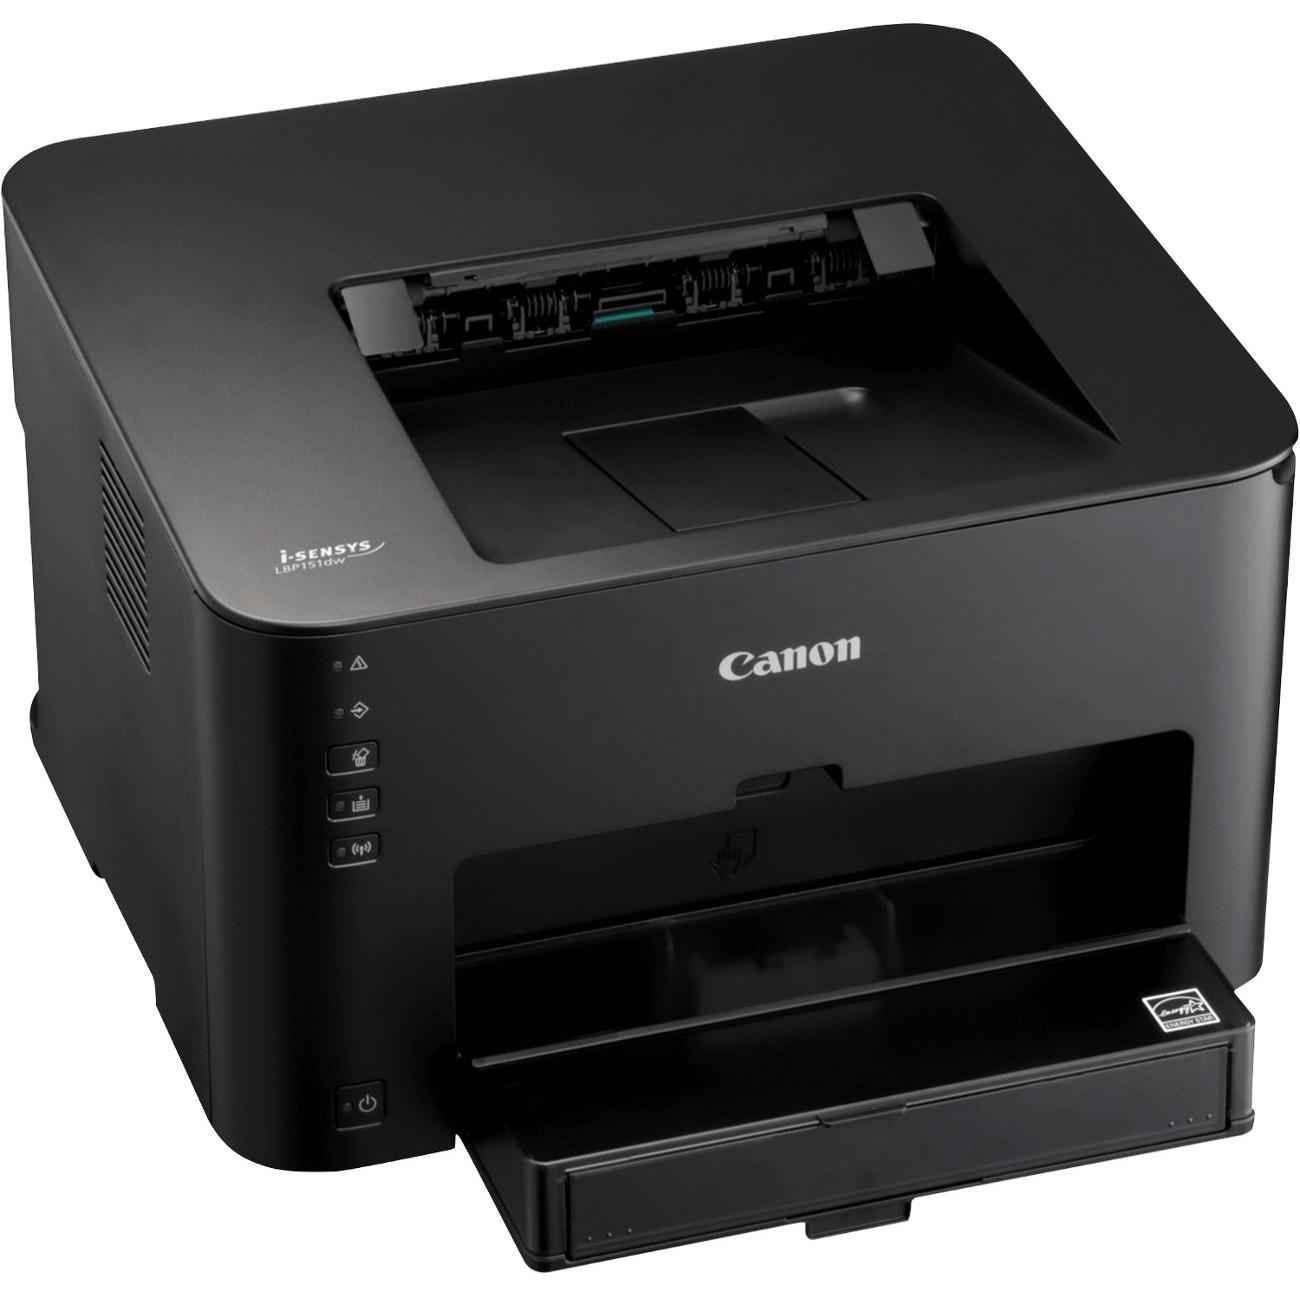 Canon i-SENSYS LBP151dw Laser Printer - Monochrome - 1200 x 1200 dpi Print